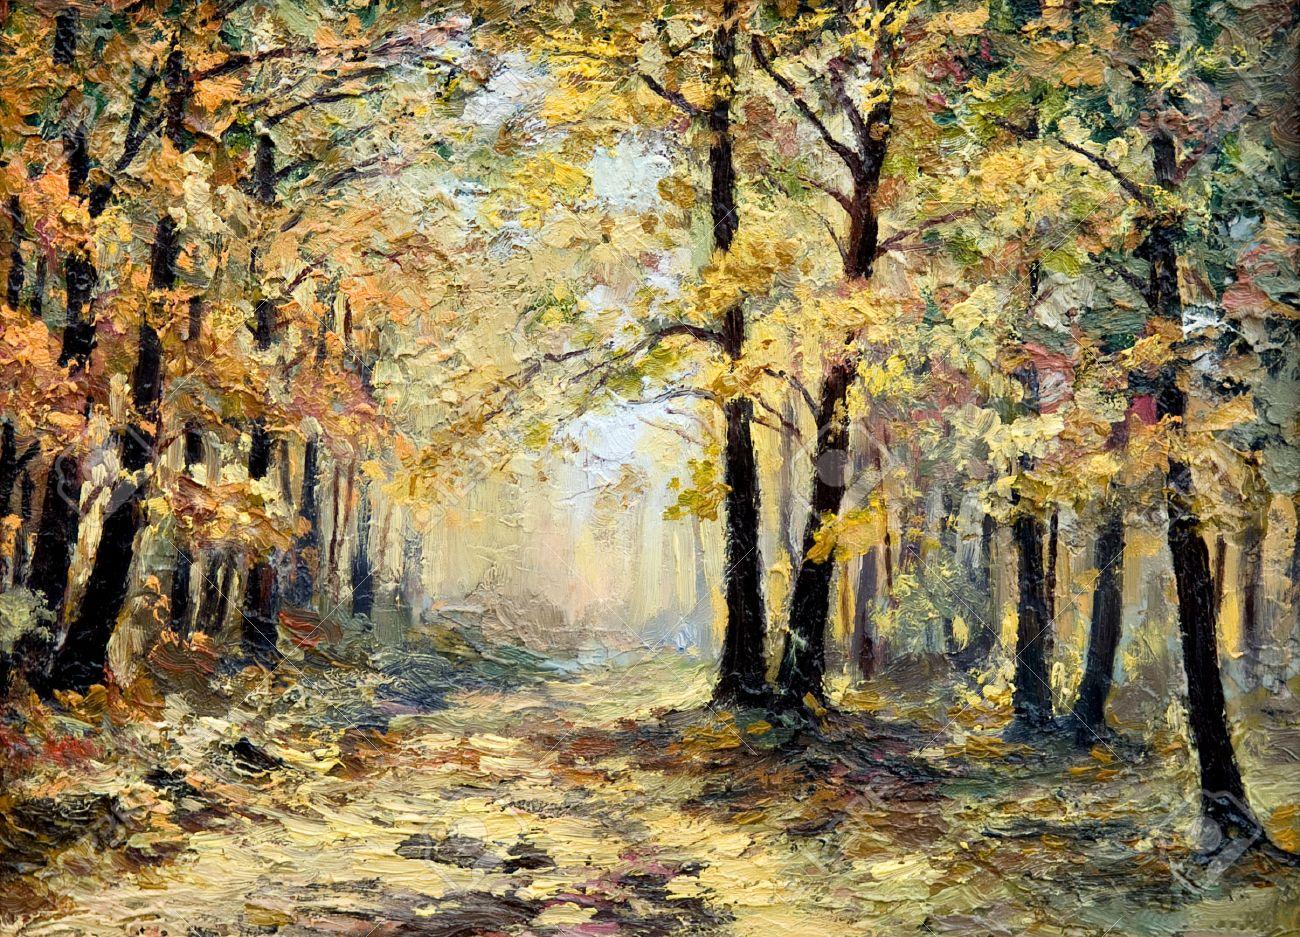 Lgemalde Landschaft Herbst Wald Voller Laub Bunte Bild